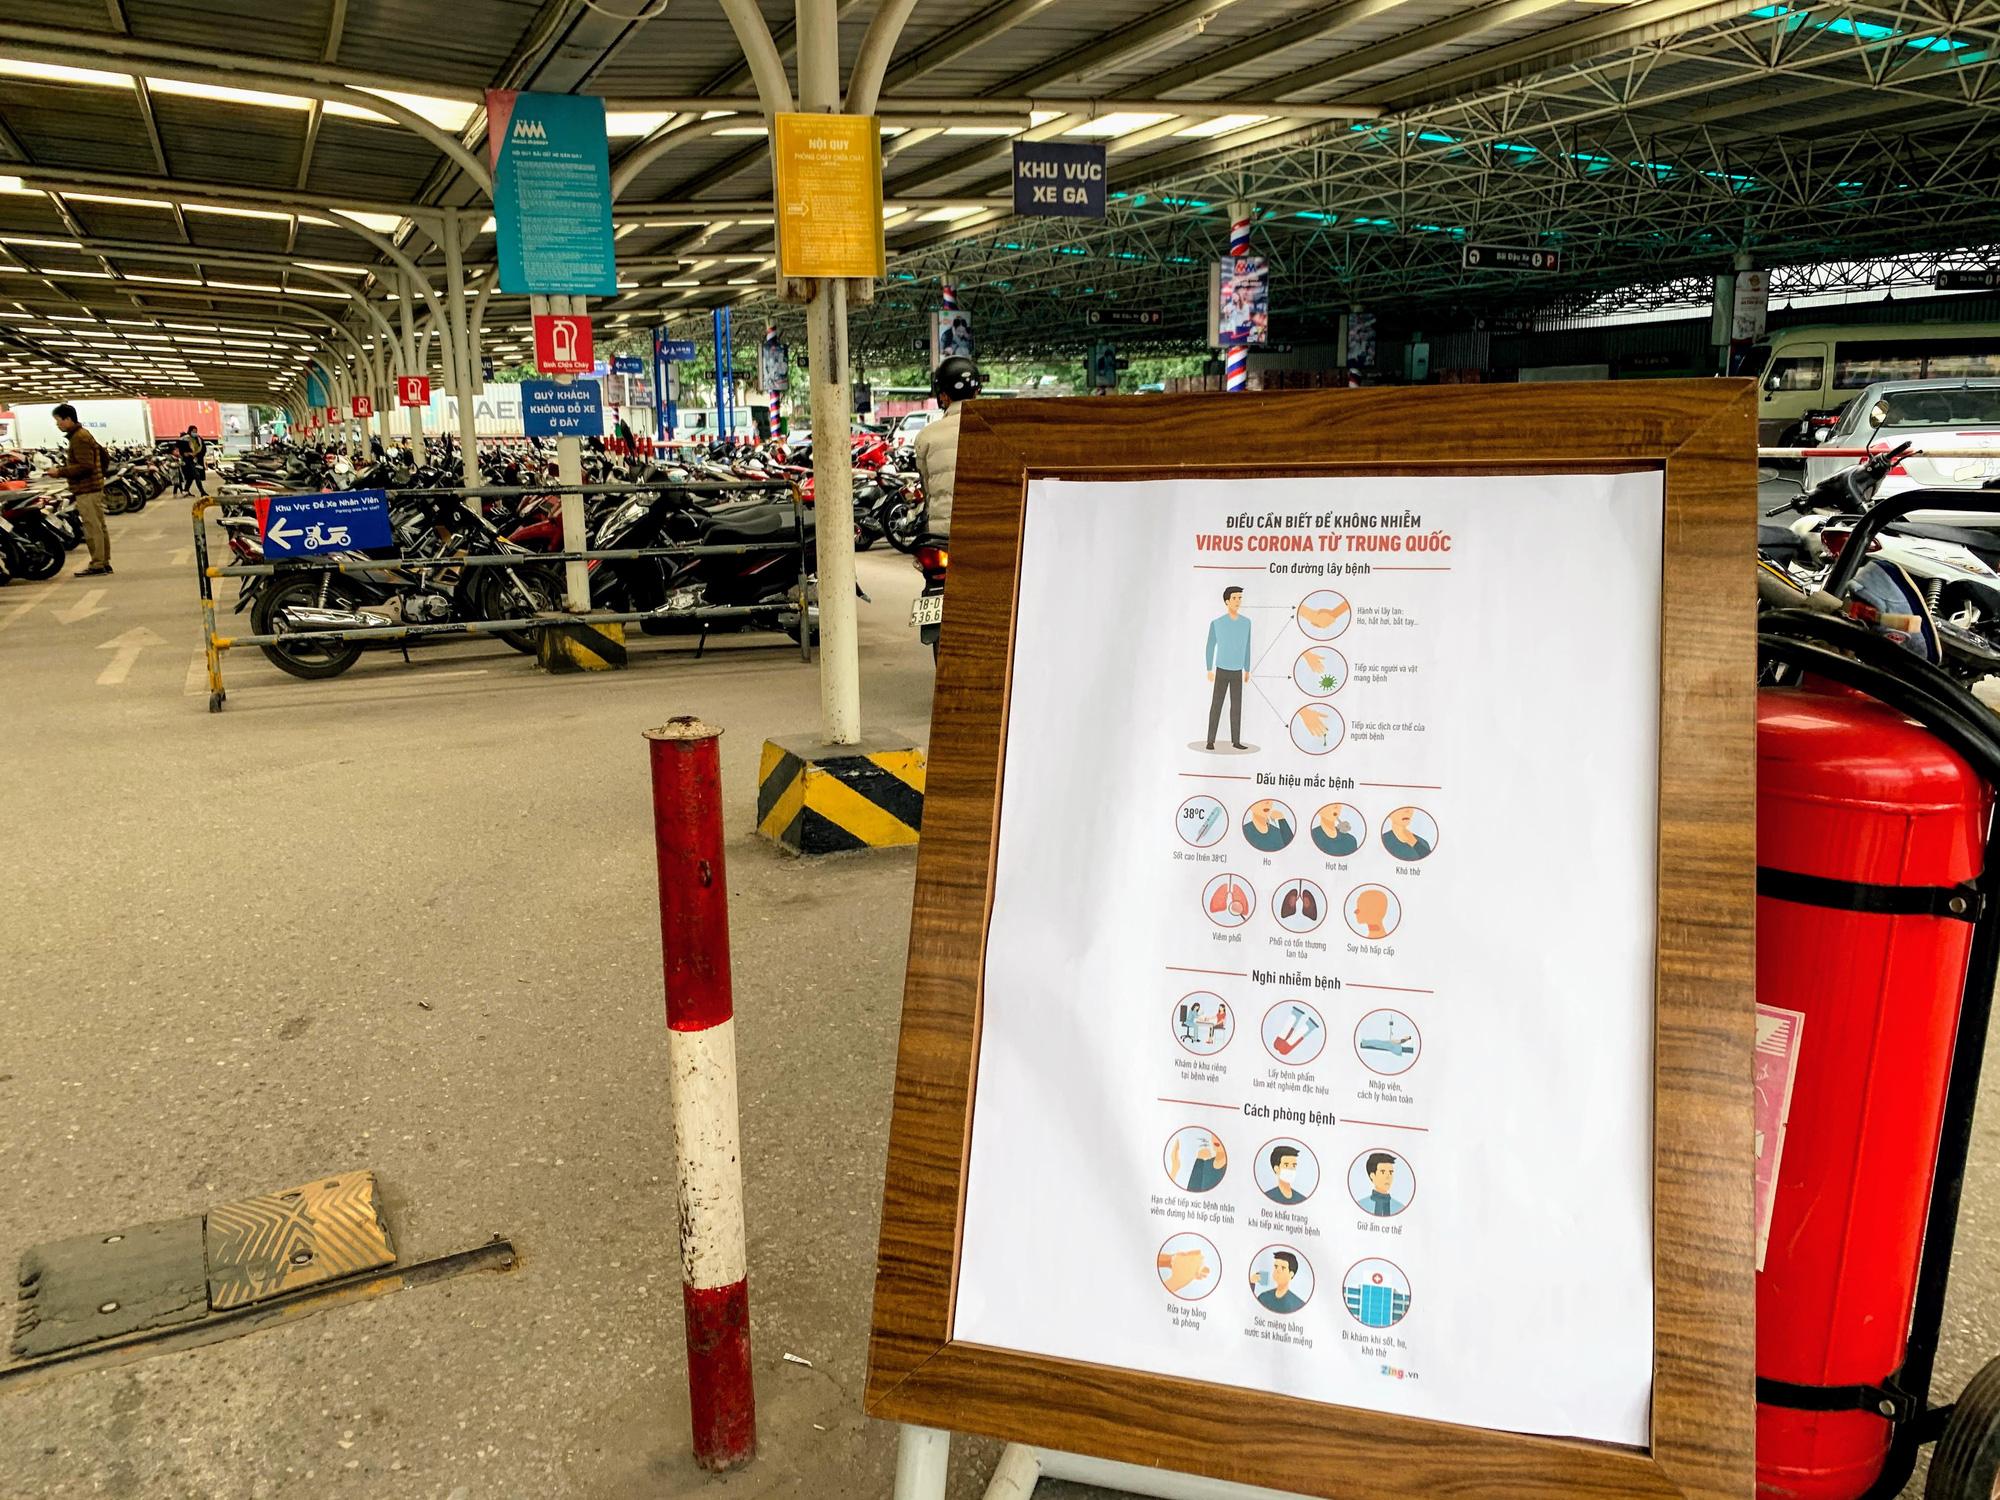 Siêu thị, trung tâm thương mại ở Hà Nội vắng tanh không một bóng người trước đại dịch virus corona - Ảnh 1.